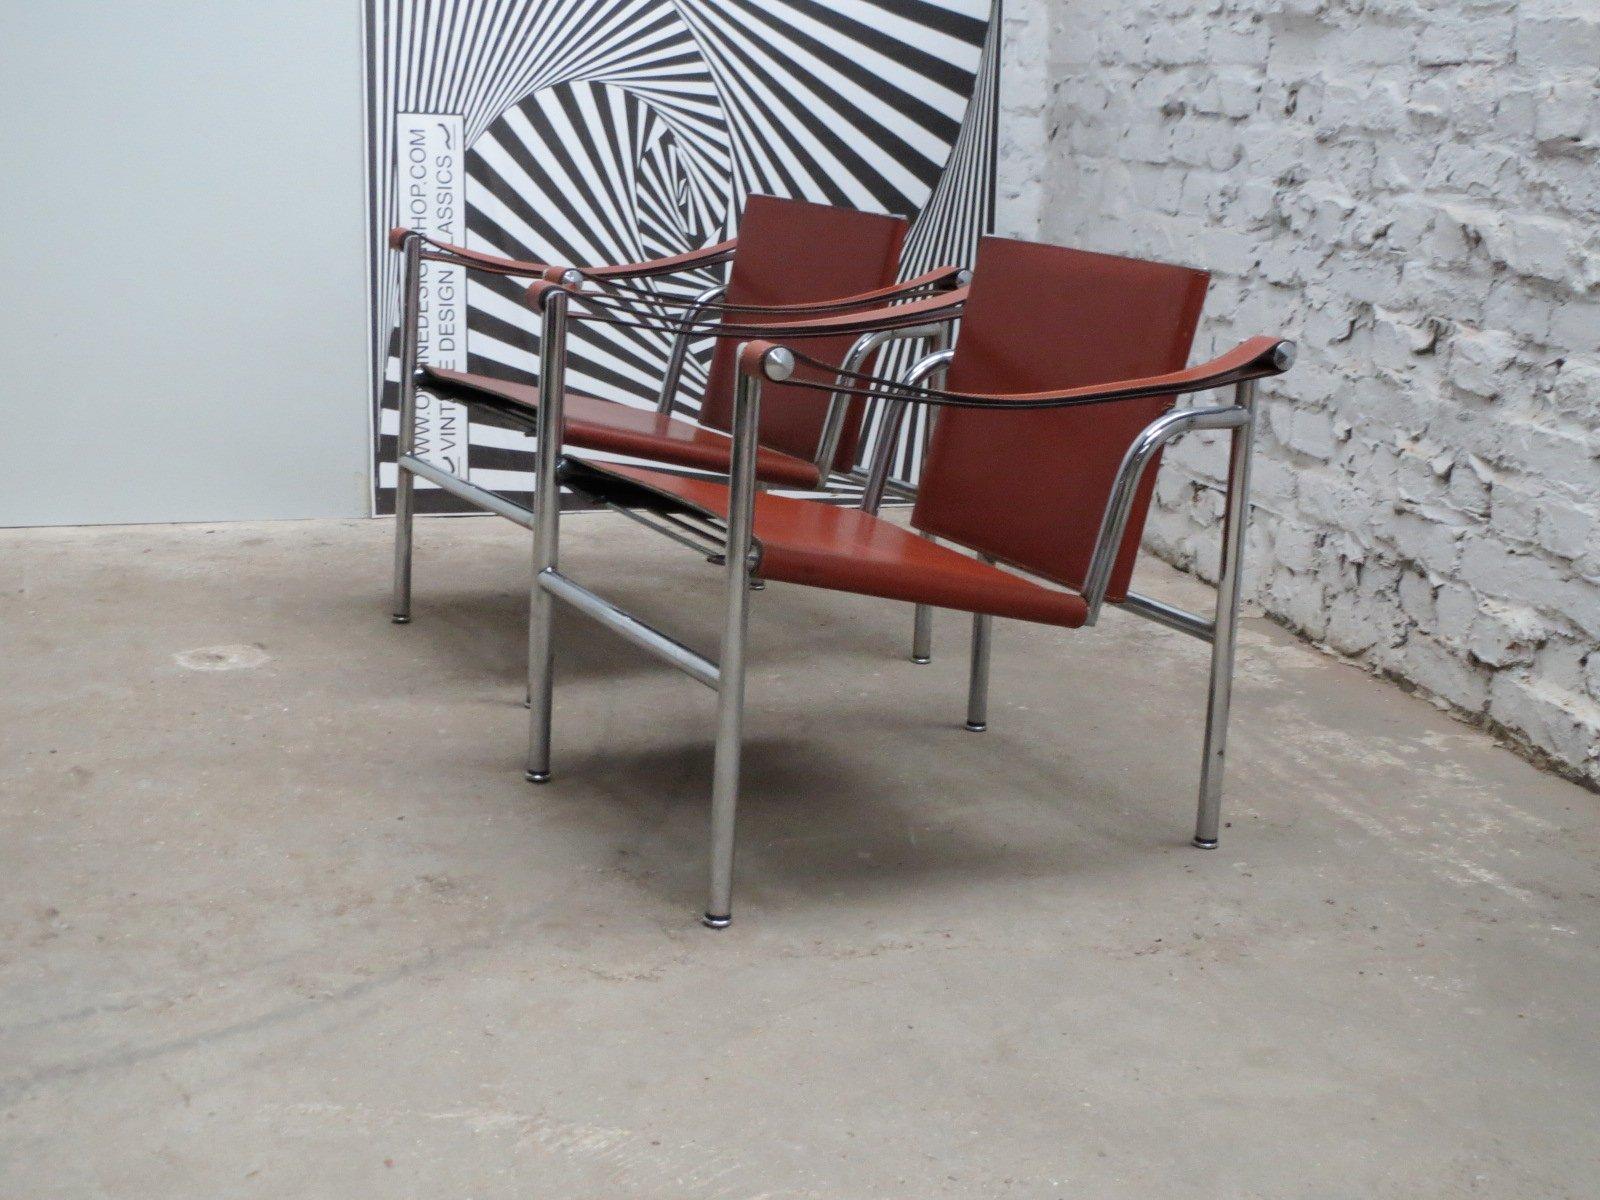 Sedia lc1 modernista basculante di le corbusier pierre - Le corbusier sedia ...